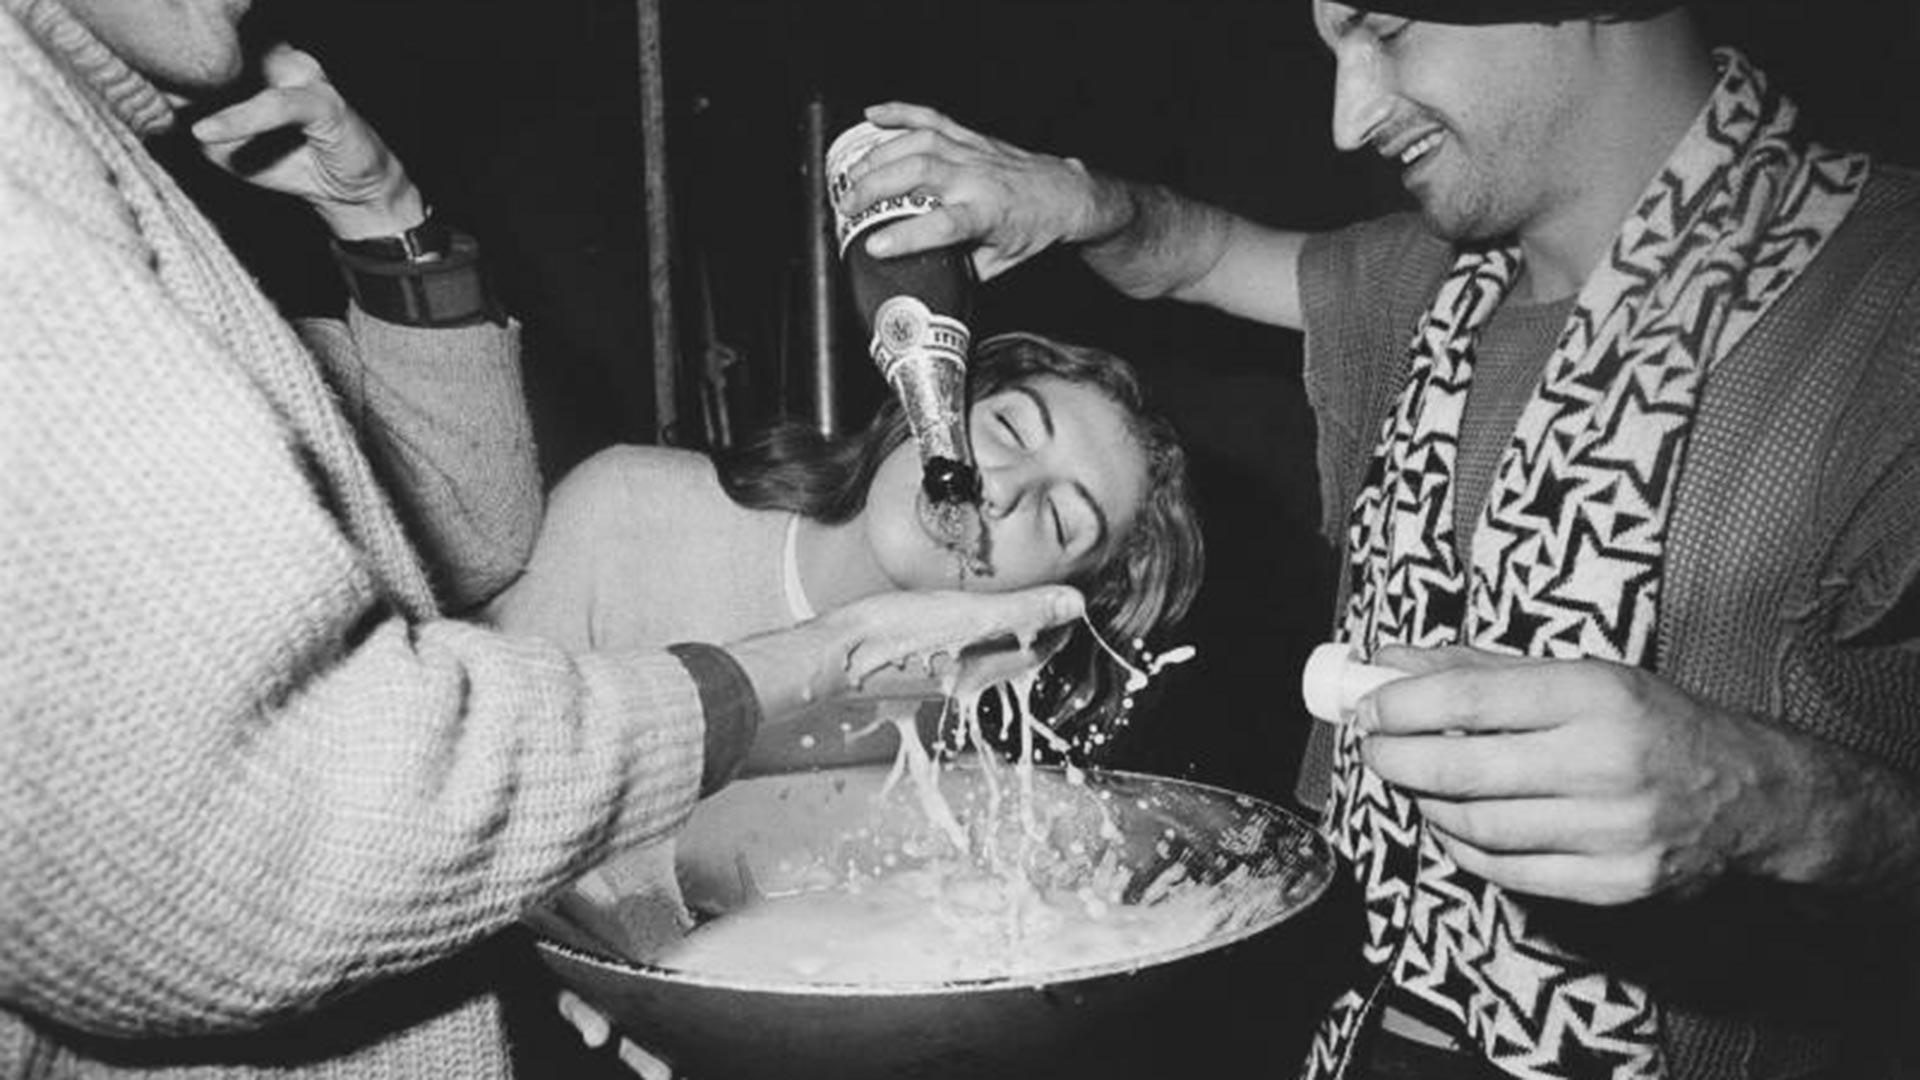 Una foto de la fiesta de cumpleaños del músico soviético Herman Vinogradov en 1988.